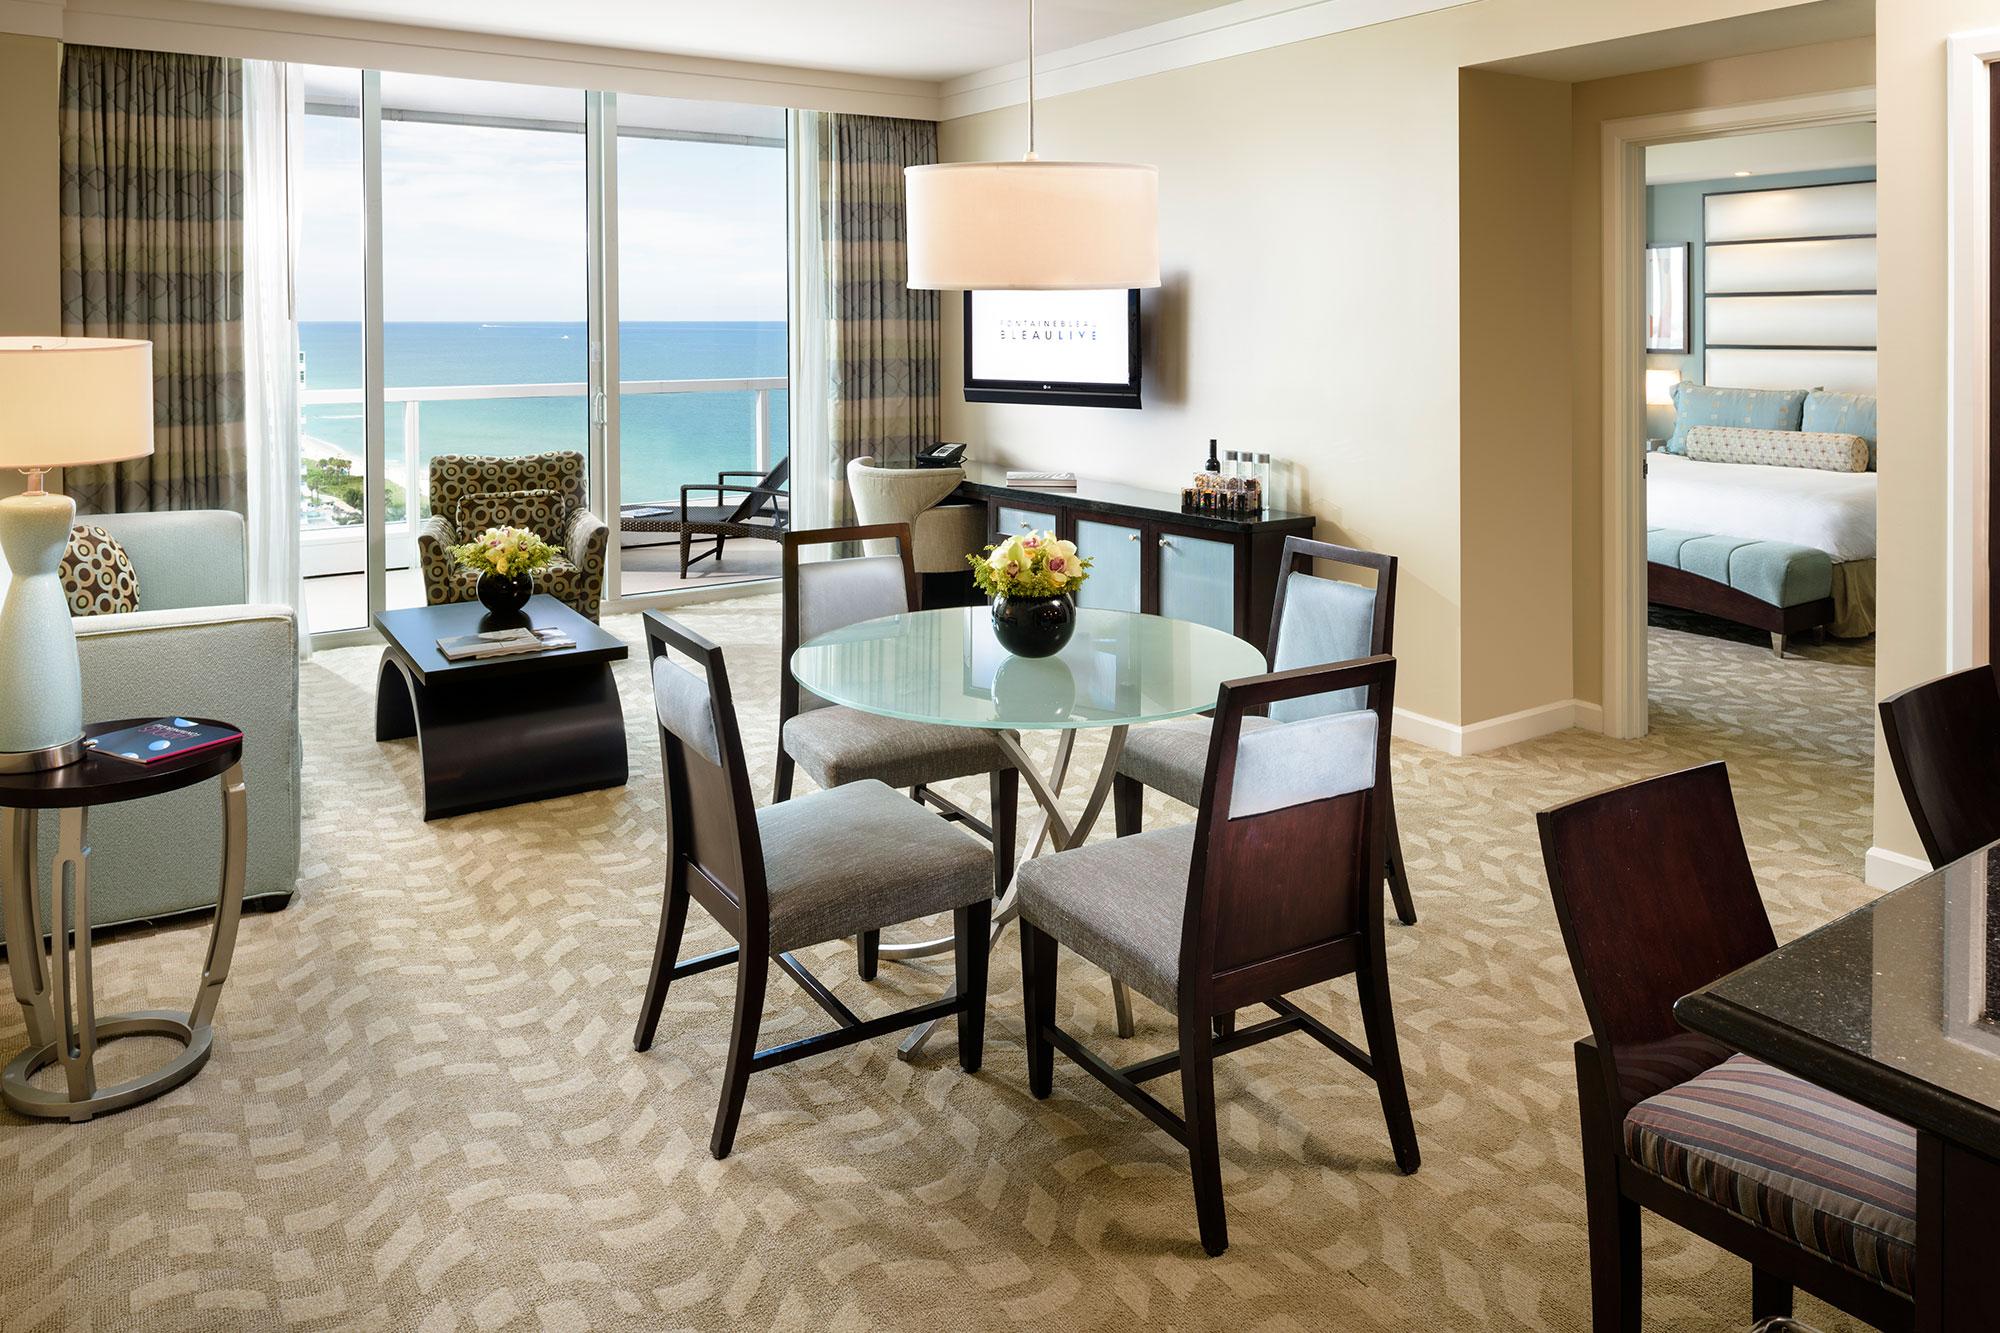 Sorrento Ocean View One Bedroom Suite 1